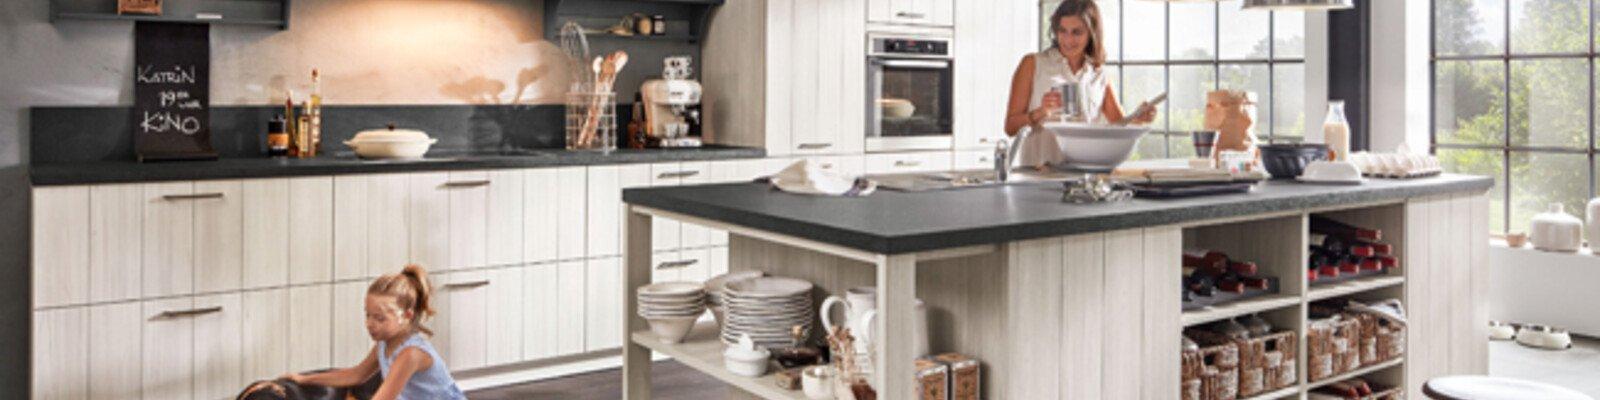 Uitzonderlijk Moderne & landelijke keukens: do's & dont's @BW86